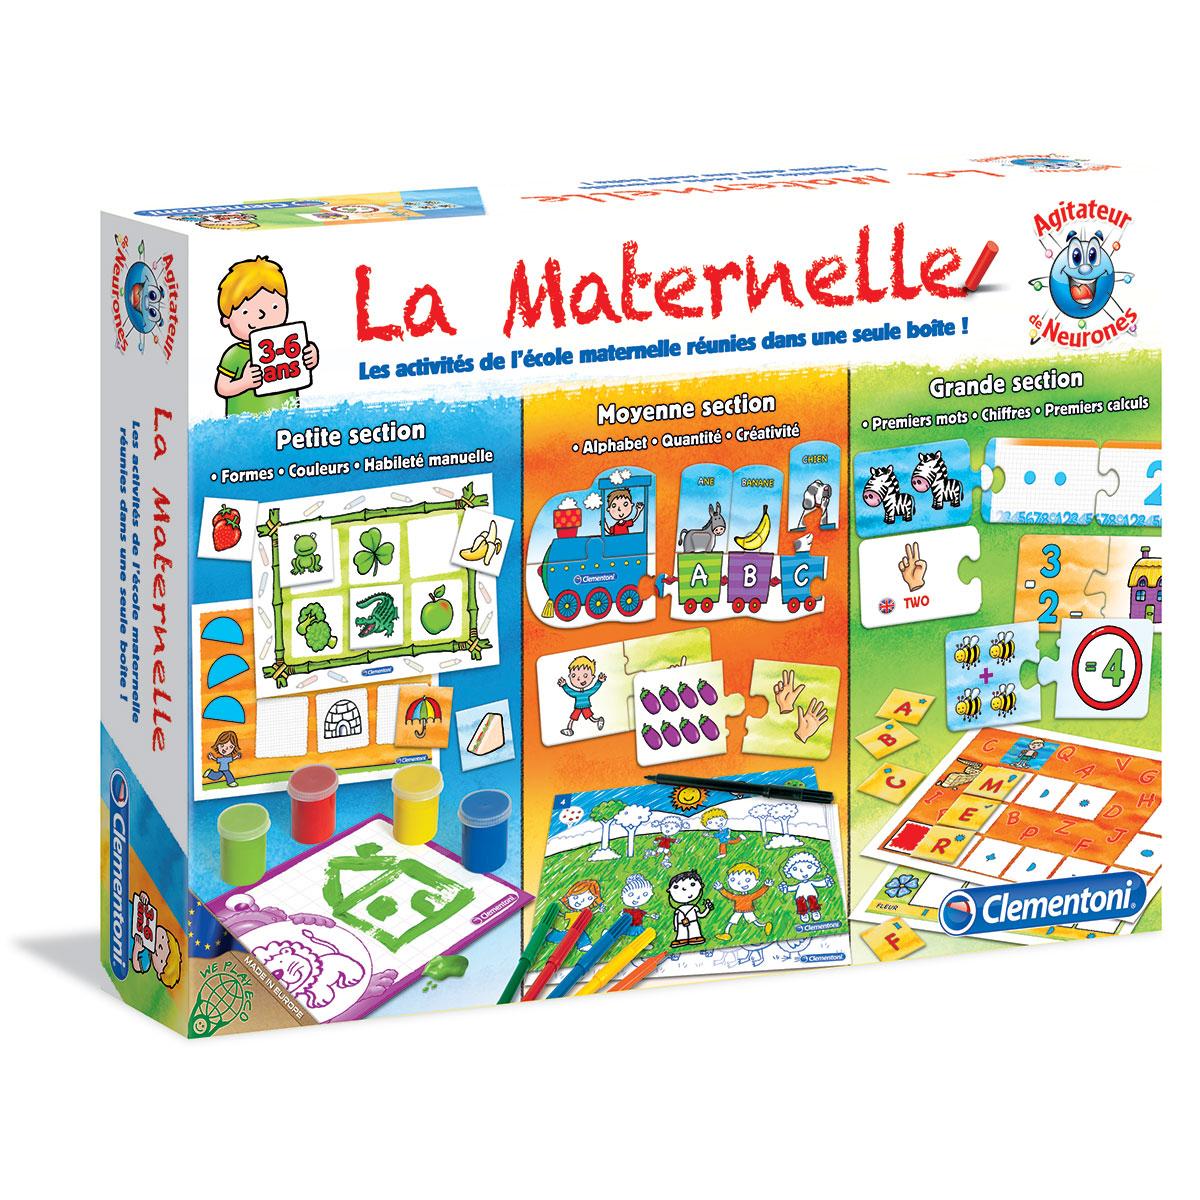 ᐅ Jeu Éducatif 3 Ans, Comment Acheter Le Meilleur. 2019 ? tout Jeux Educatif Enfant 6 Ans